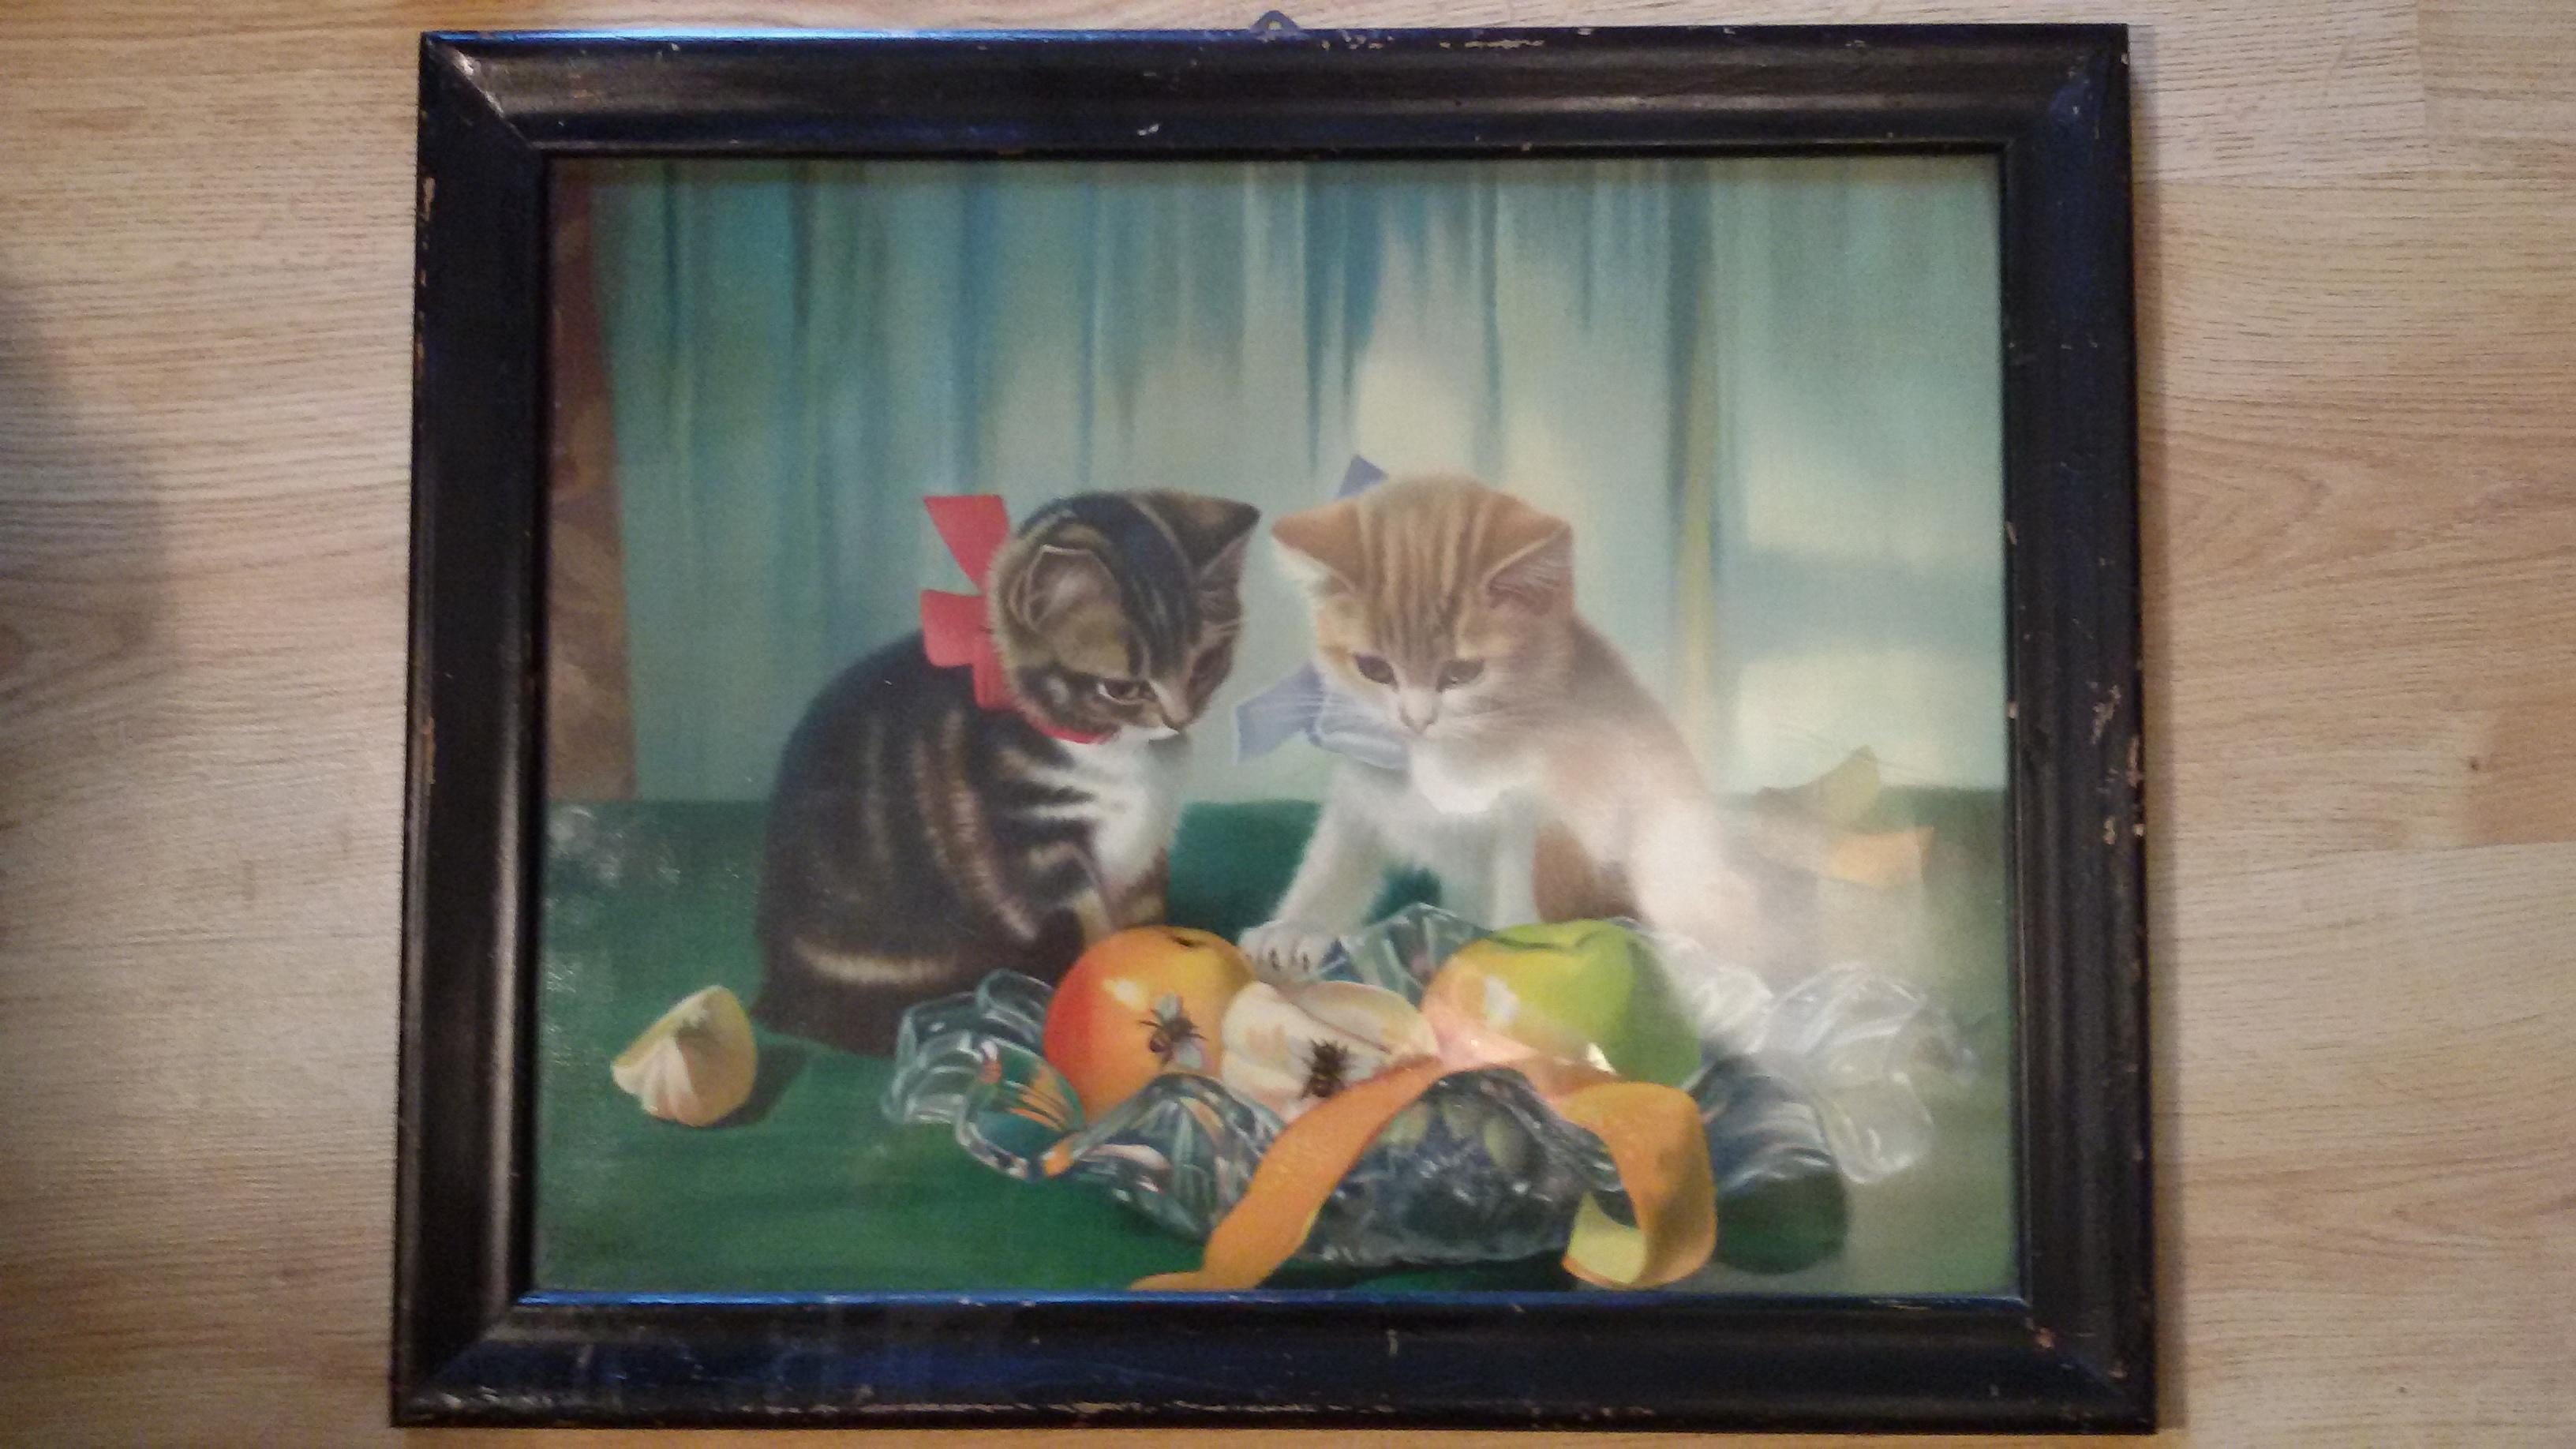 Wer Kennt Dieses Bild/Gemälde, Es Hat Auch Eine Zeichnung Mit Den Namen  Blain Oder Blair? (Bilder, Kunst, Künstler)